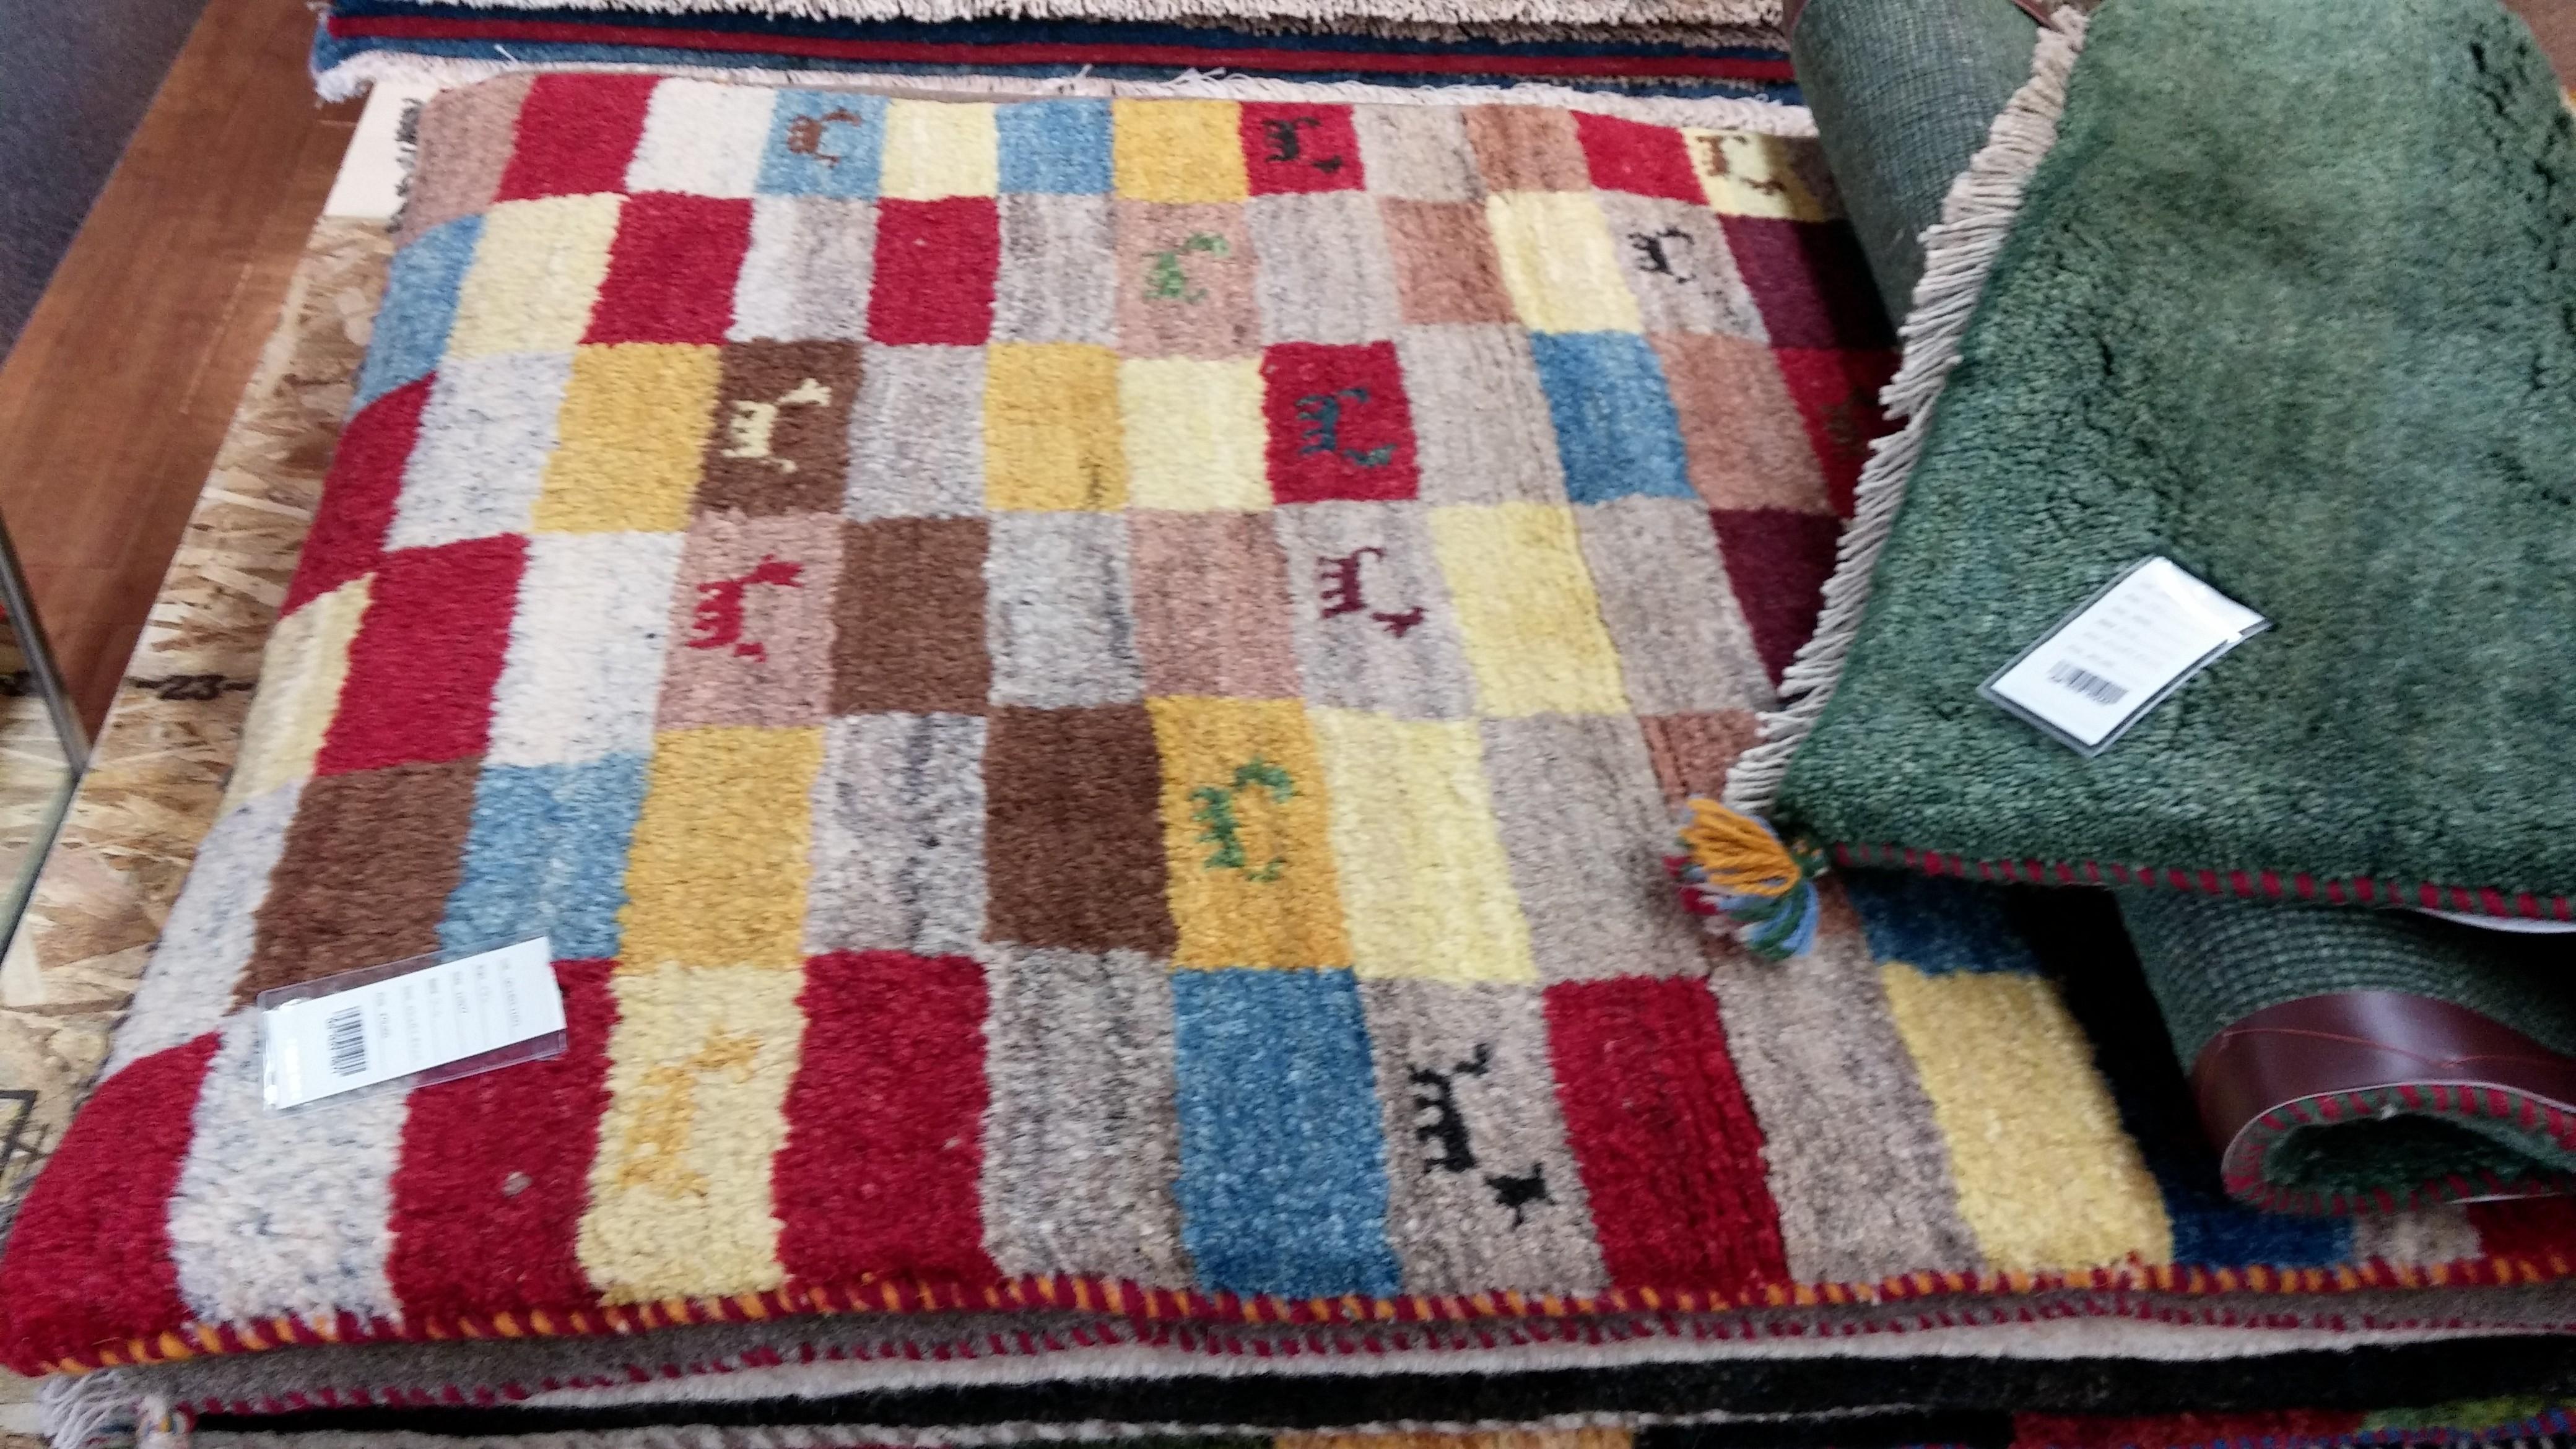 上質な羊毛を丁寧に手織りするから使い込むことにより味わい深く変化し次の代まで受け継がれるほど・・・